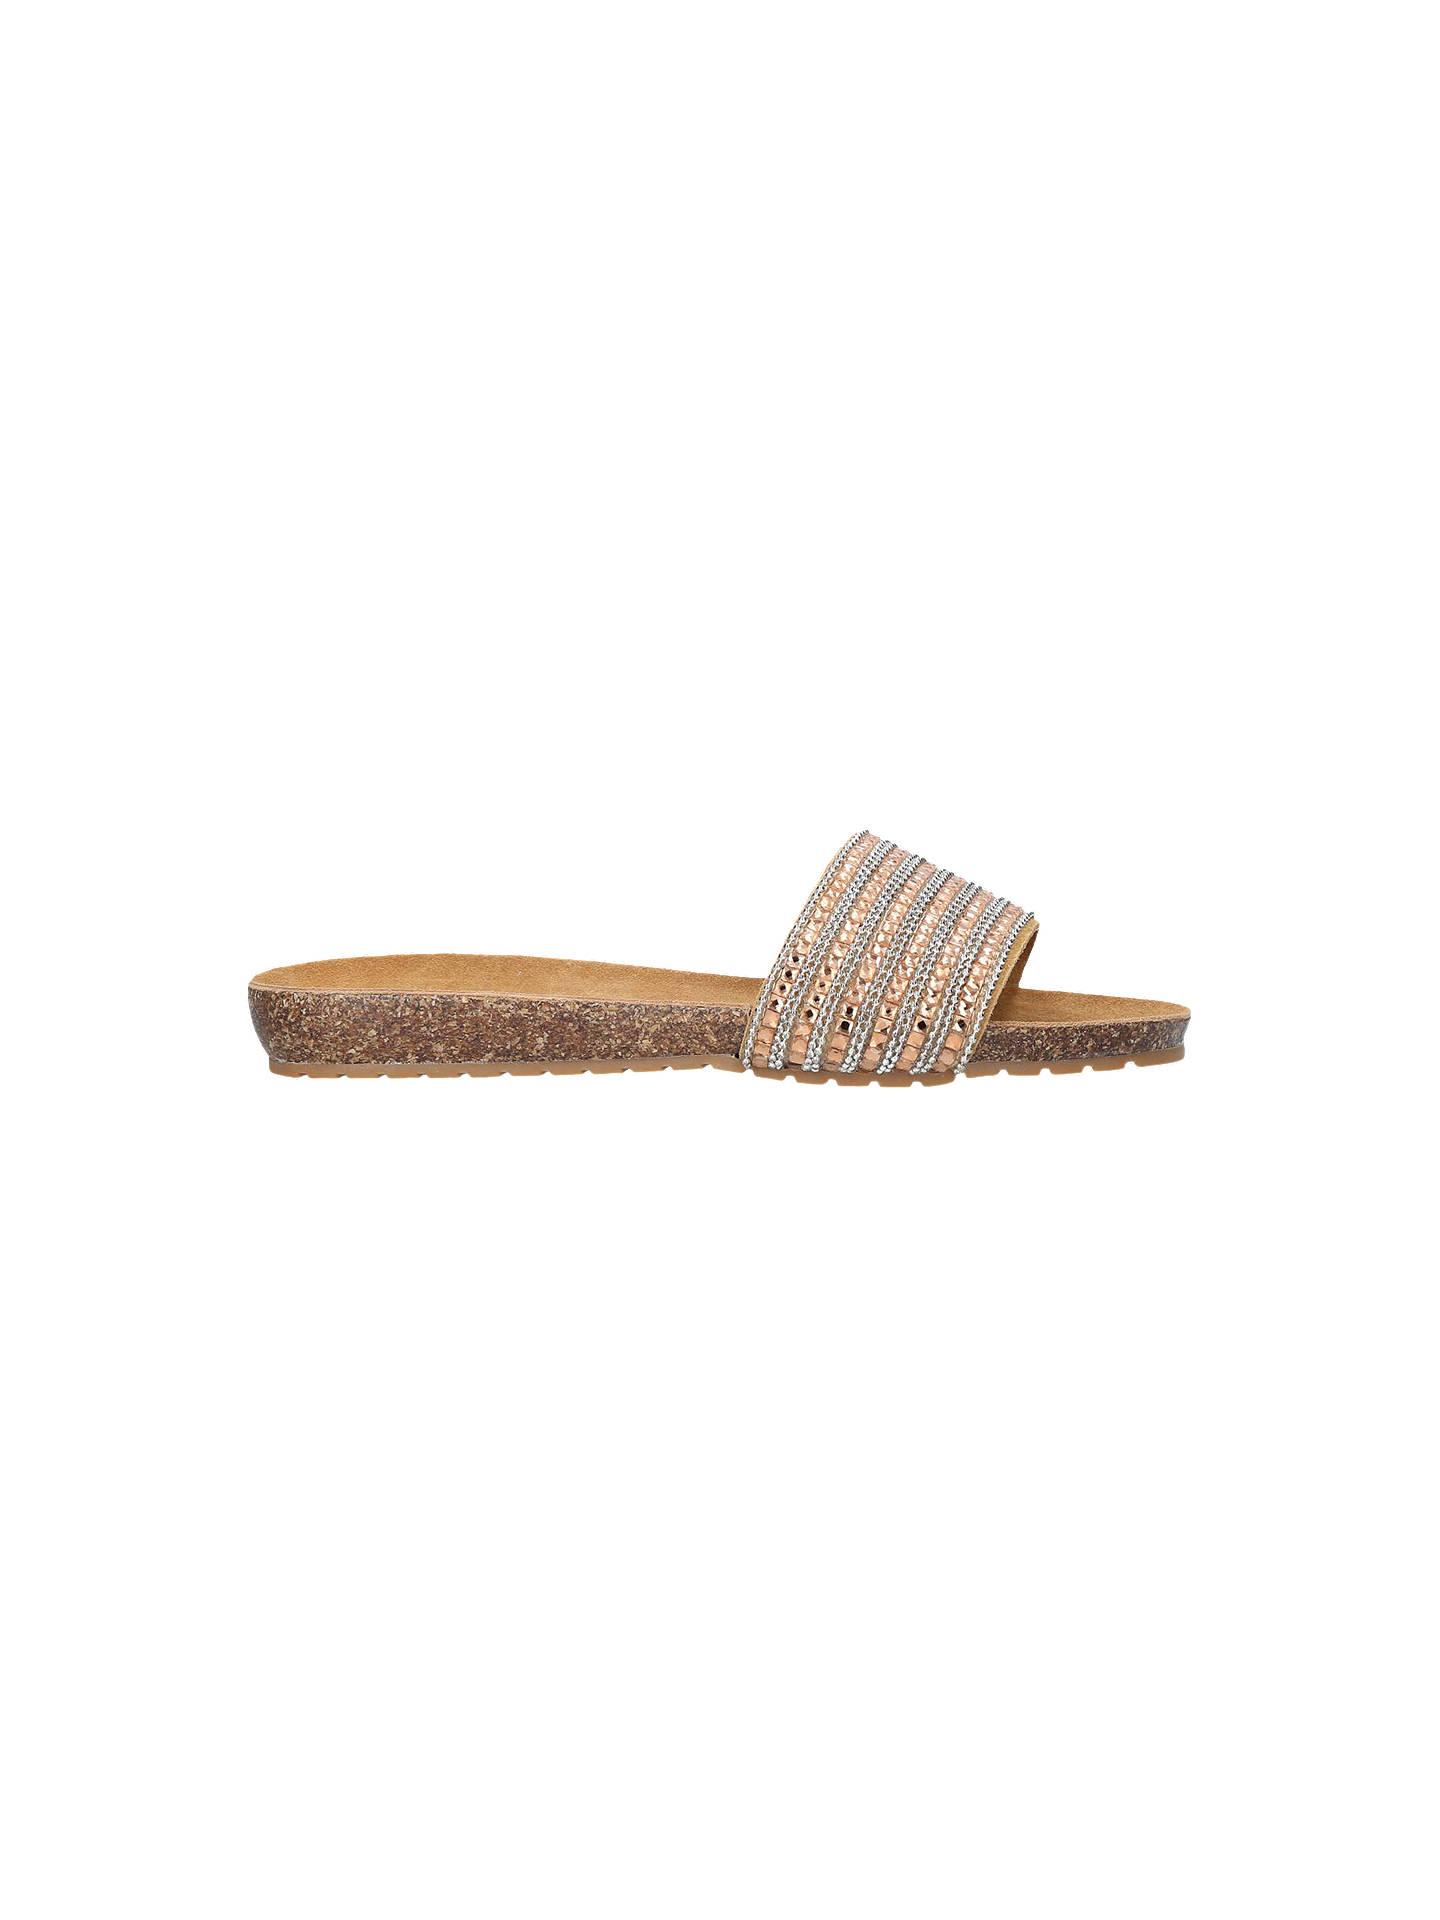 ceafc74af66 Carvela Comfort Super Suede Slip On Sandals, Bronze